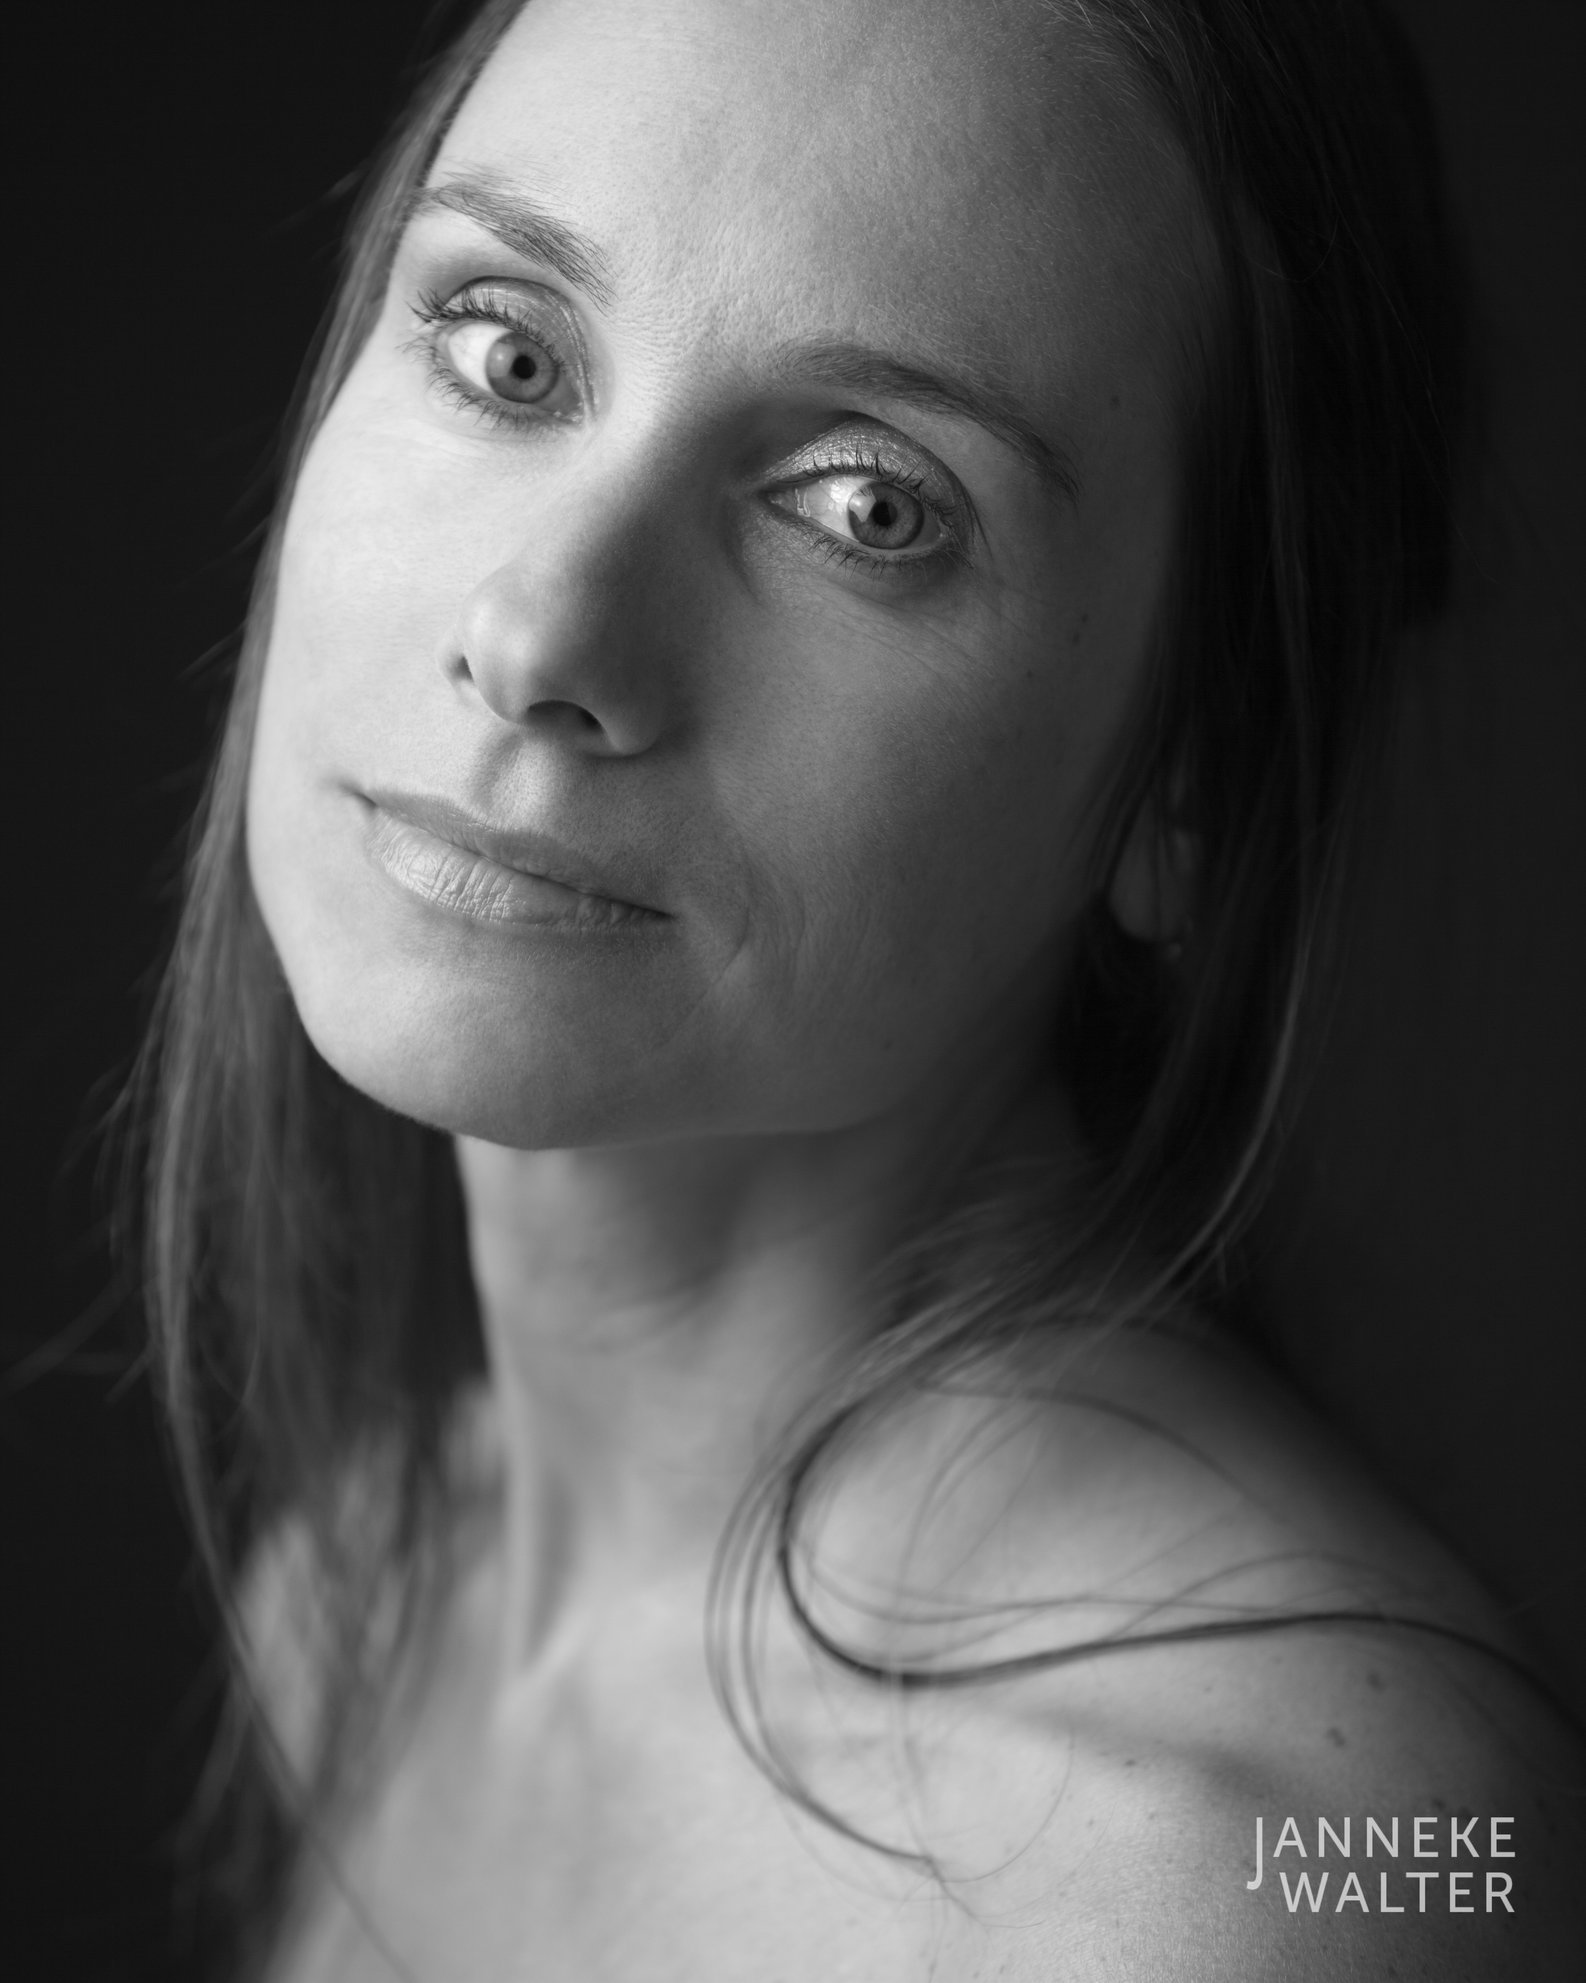 naaktfoto vrouw hoofd schuin © Janneke Walter, fotograaf Utrecht De Bilt, portretfotograaf, portret, portretfotografie